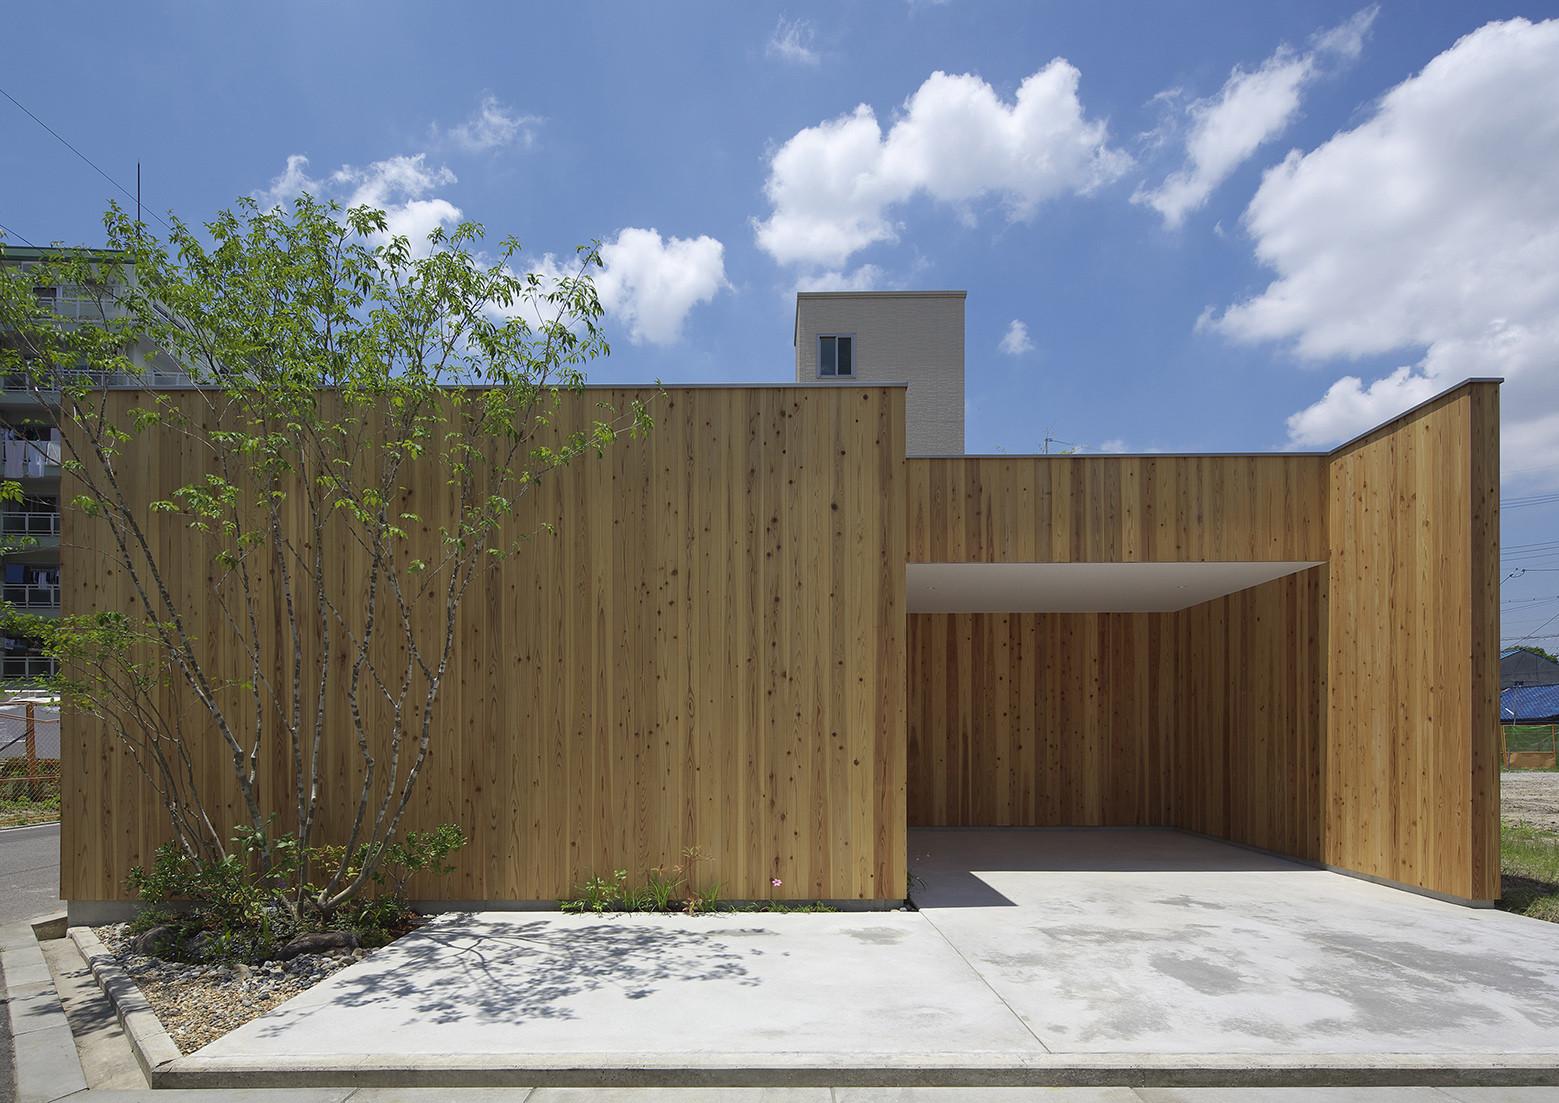 House in nishimikuni arbol design archdaily - Decoraciones de casas modernas ...